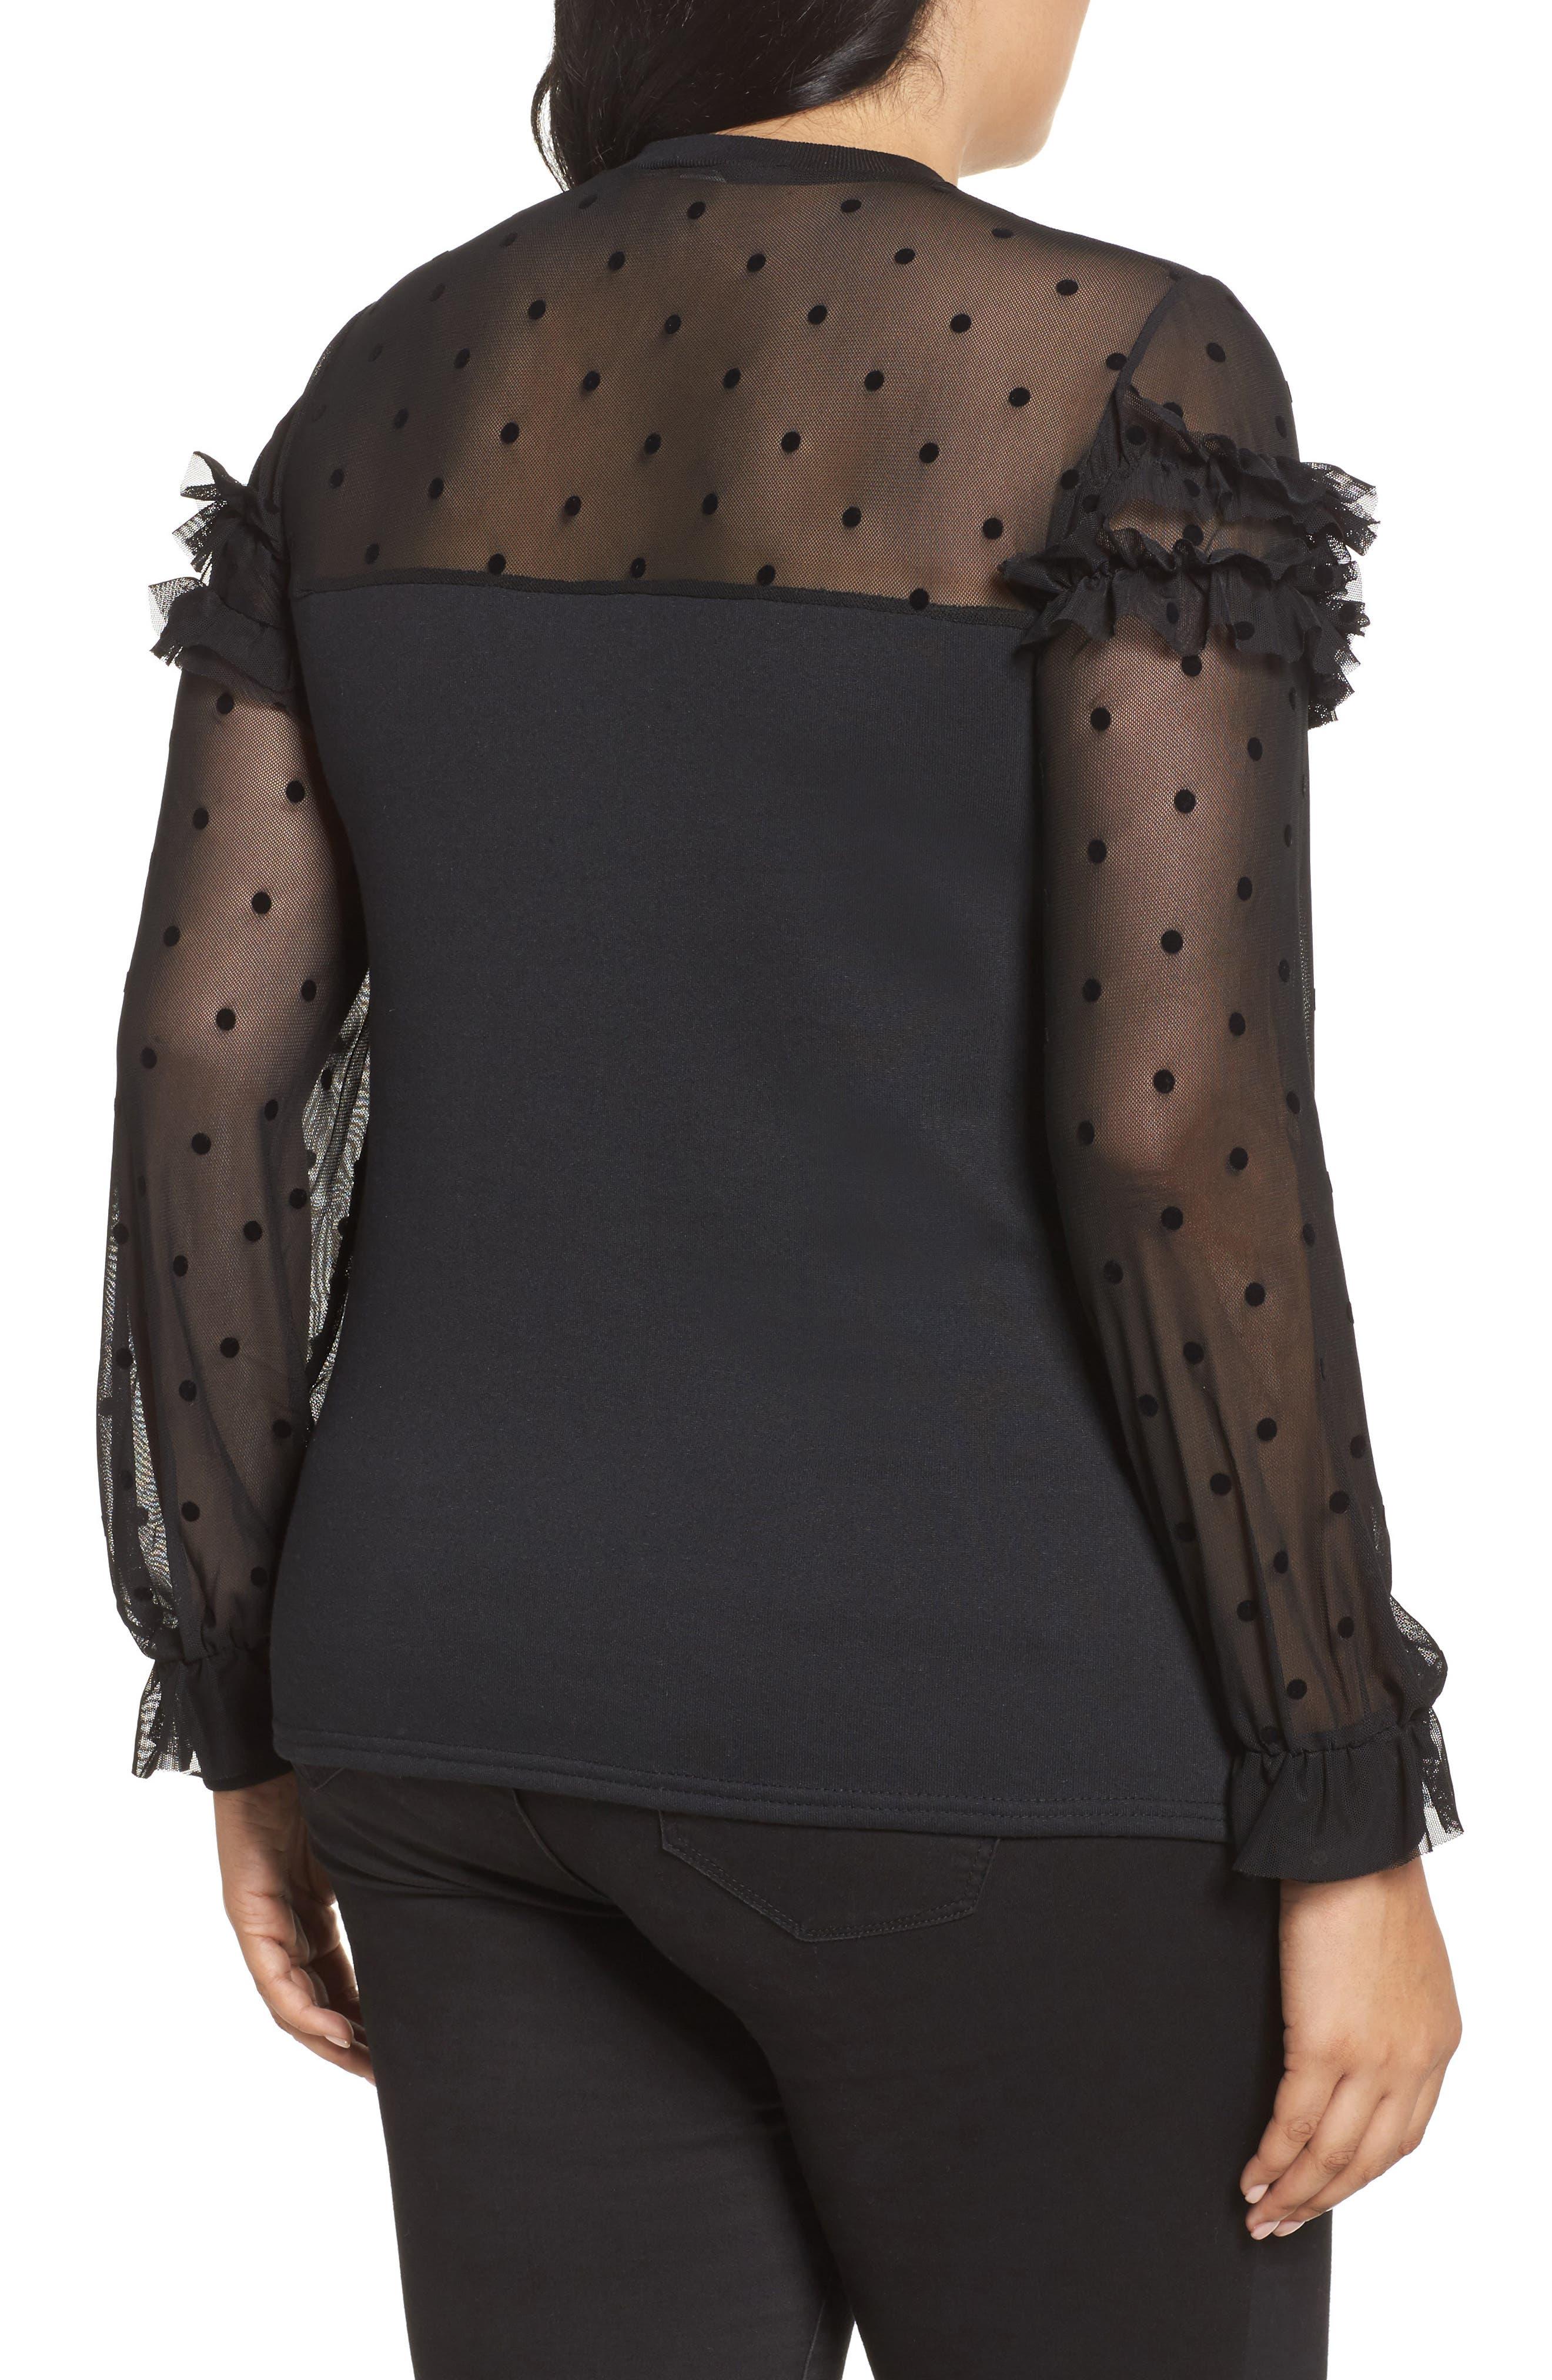 Dot Mesh Sweater,                             Alternate thumbnail 2, color,                             Black